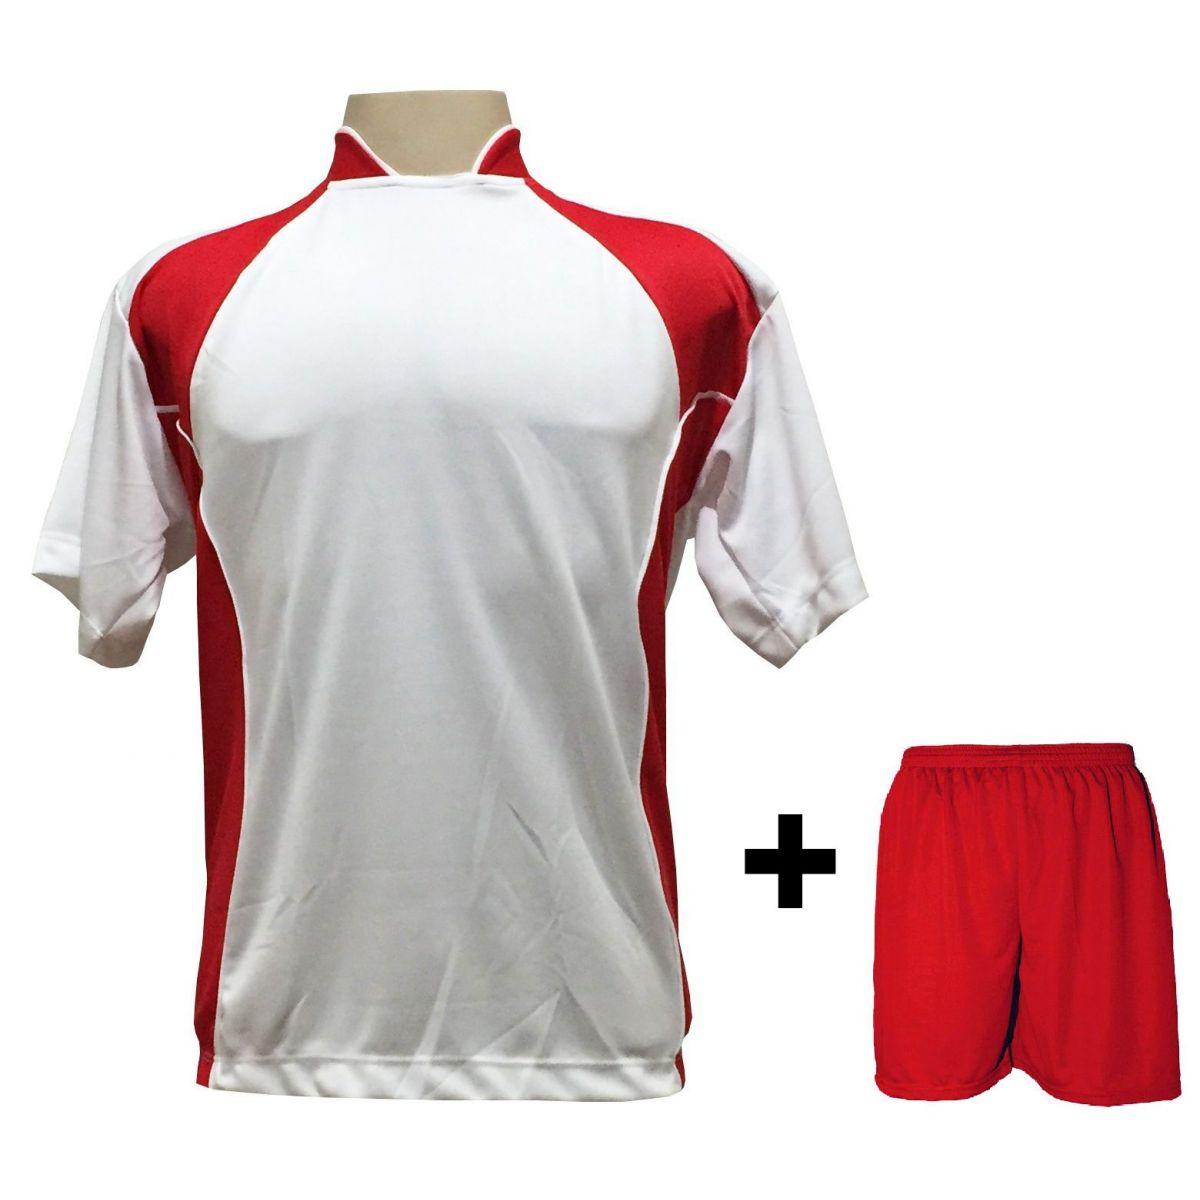 Uniforme Esportivo com 14 Camisas modelo Suécia Branco/Vermelho + 14 Calções modelo Madrid Vermelho